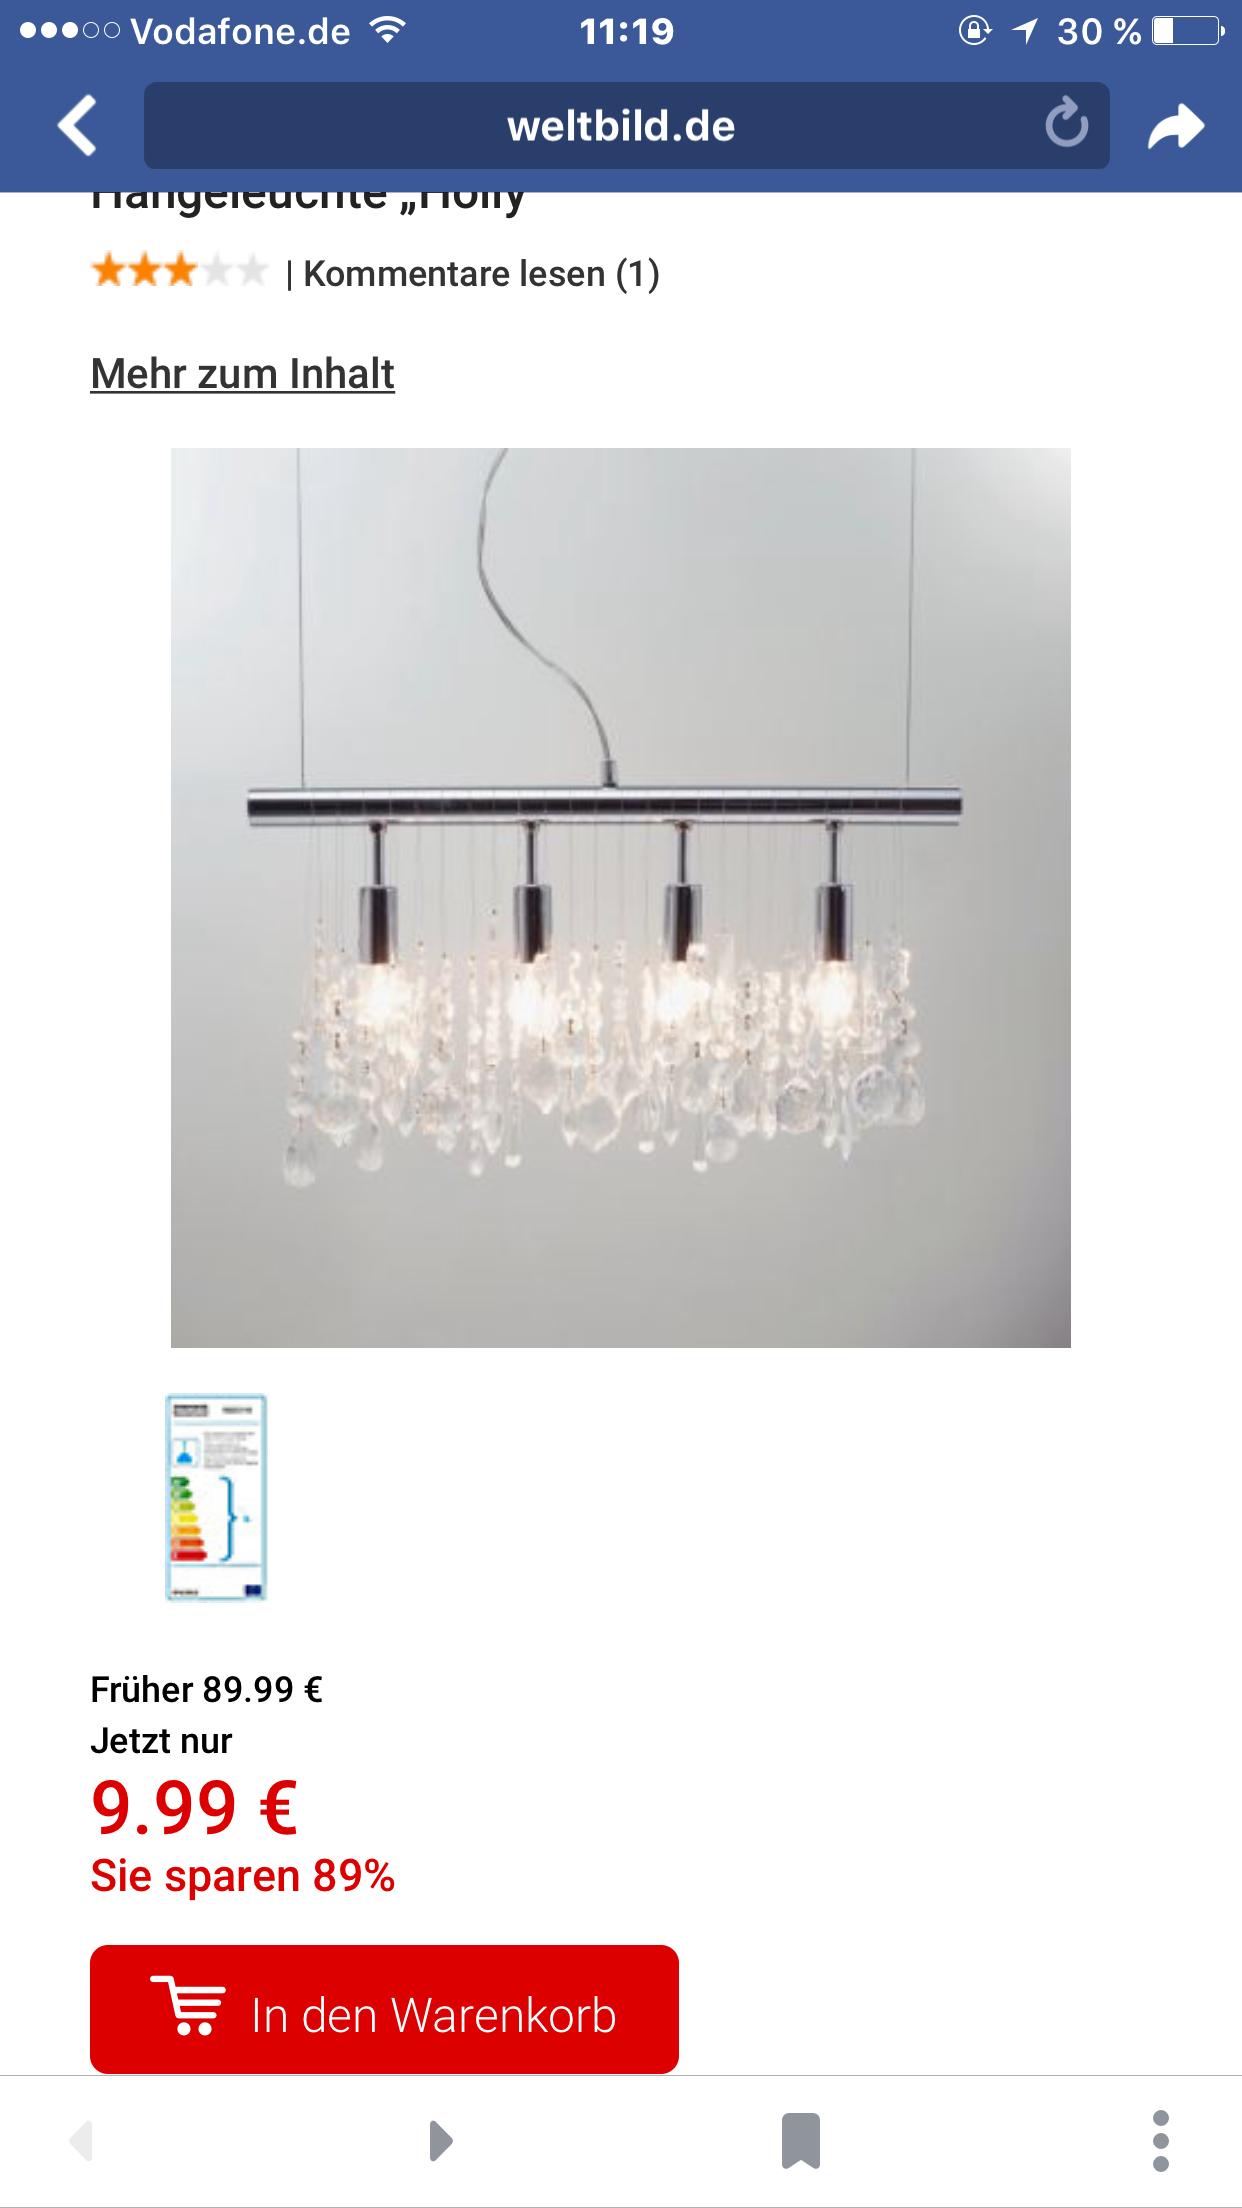 [Weltbild] tolle Lampe 90% reduziert, sogar versandkostenfrei